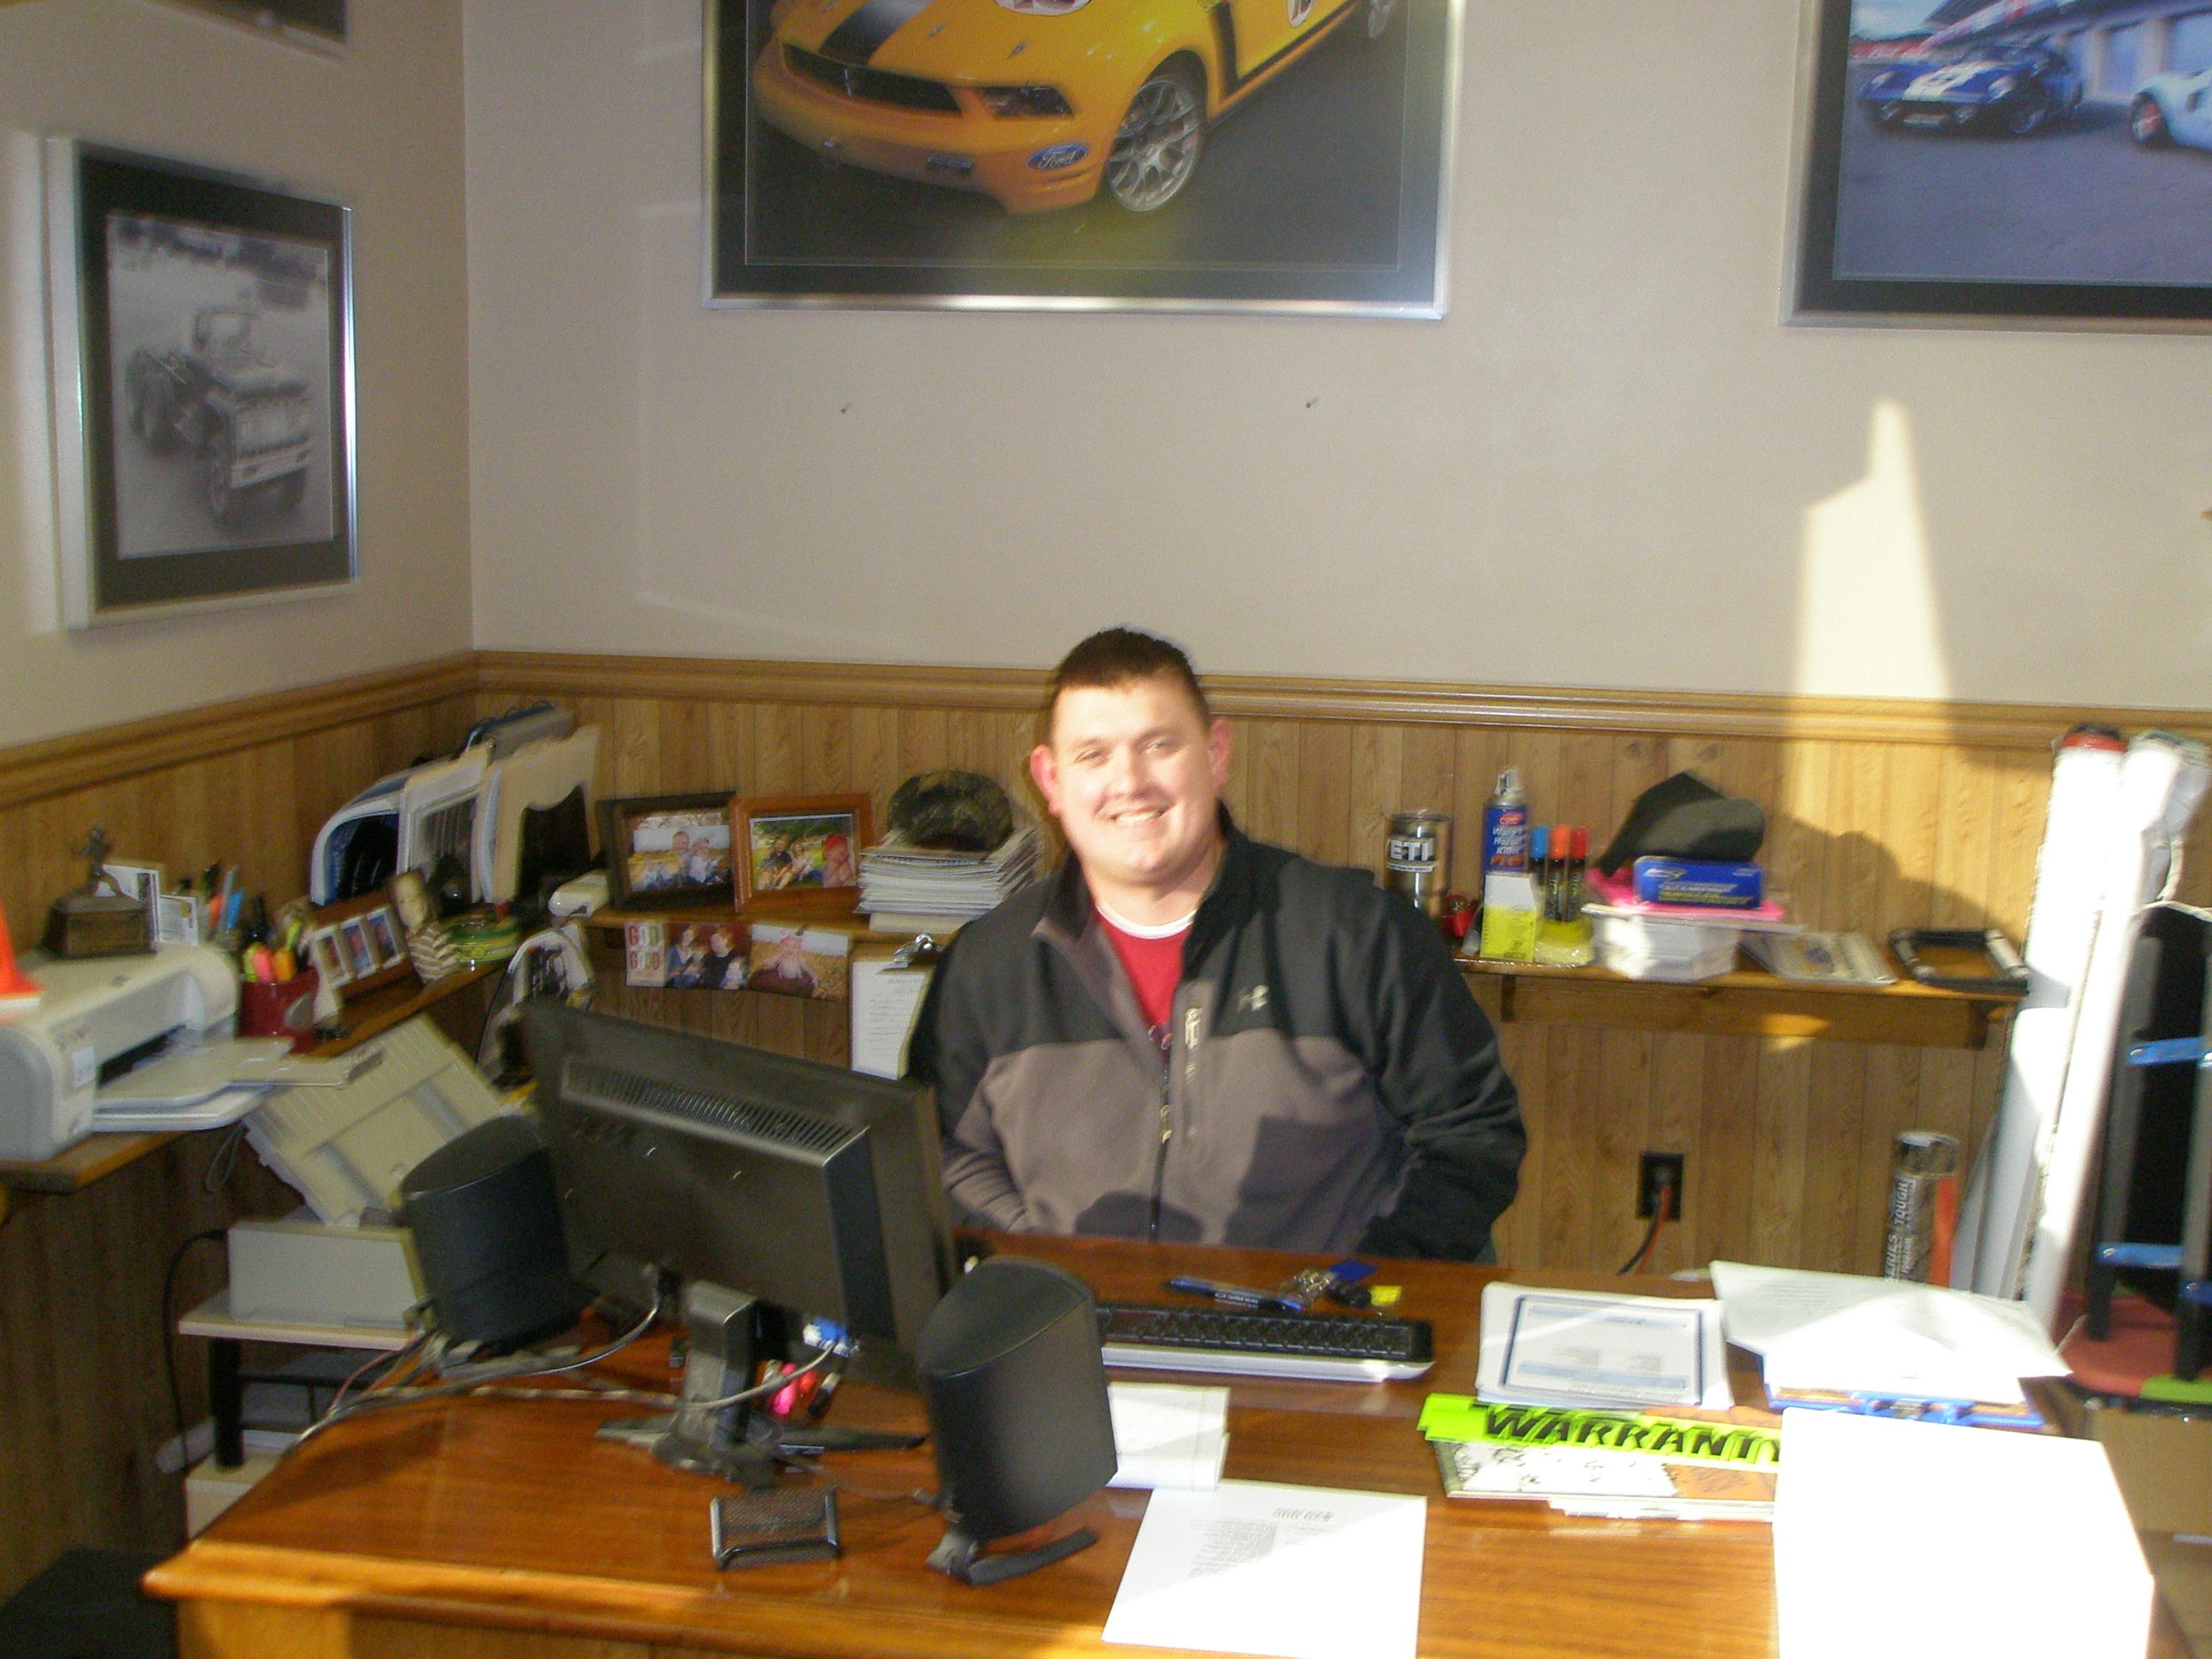 Jeff Walden - Sales/Internet